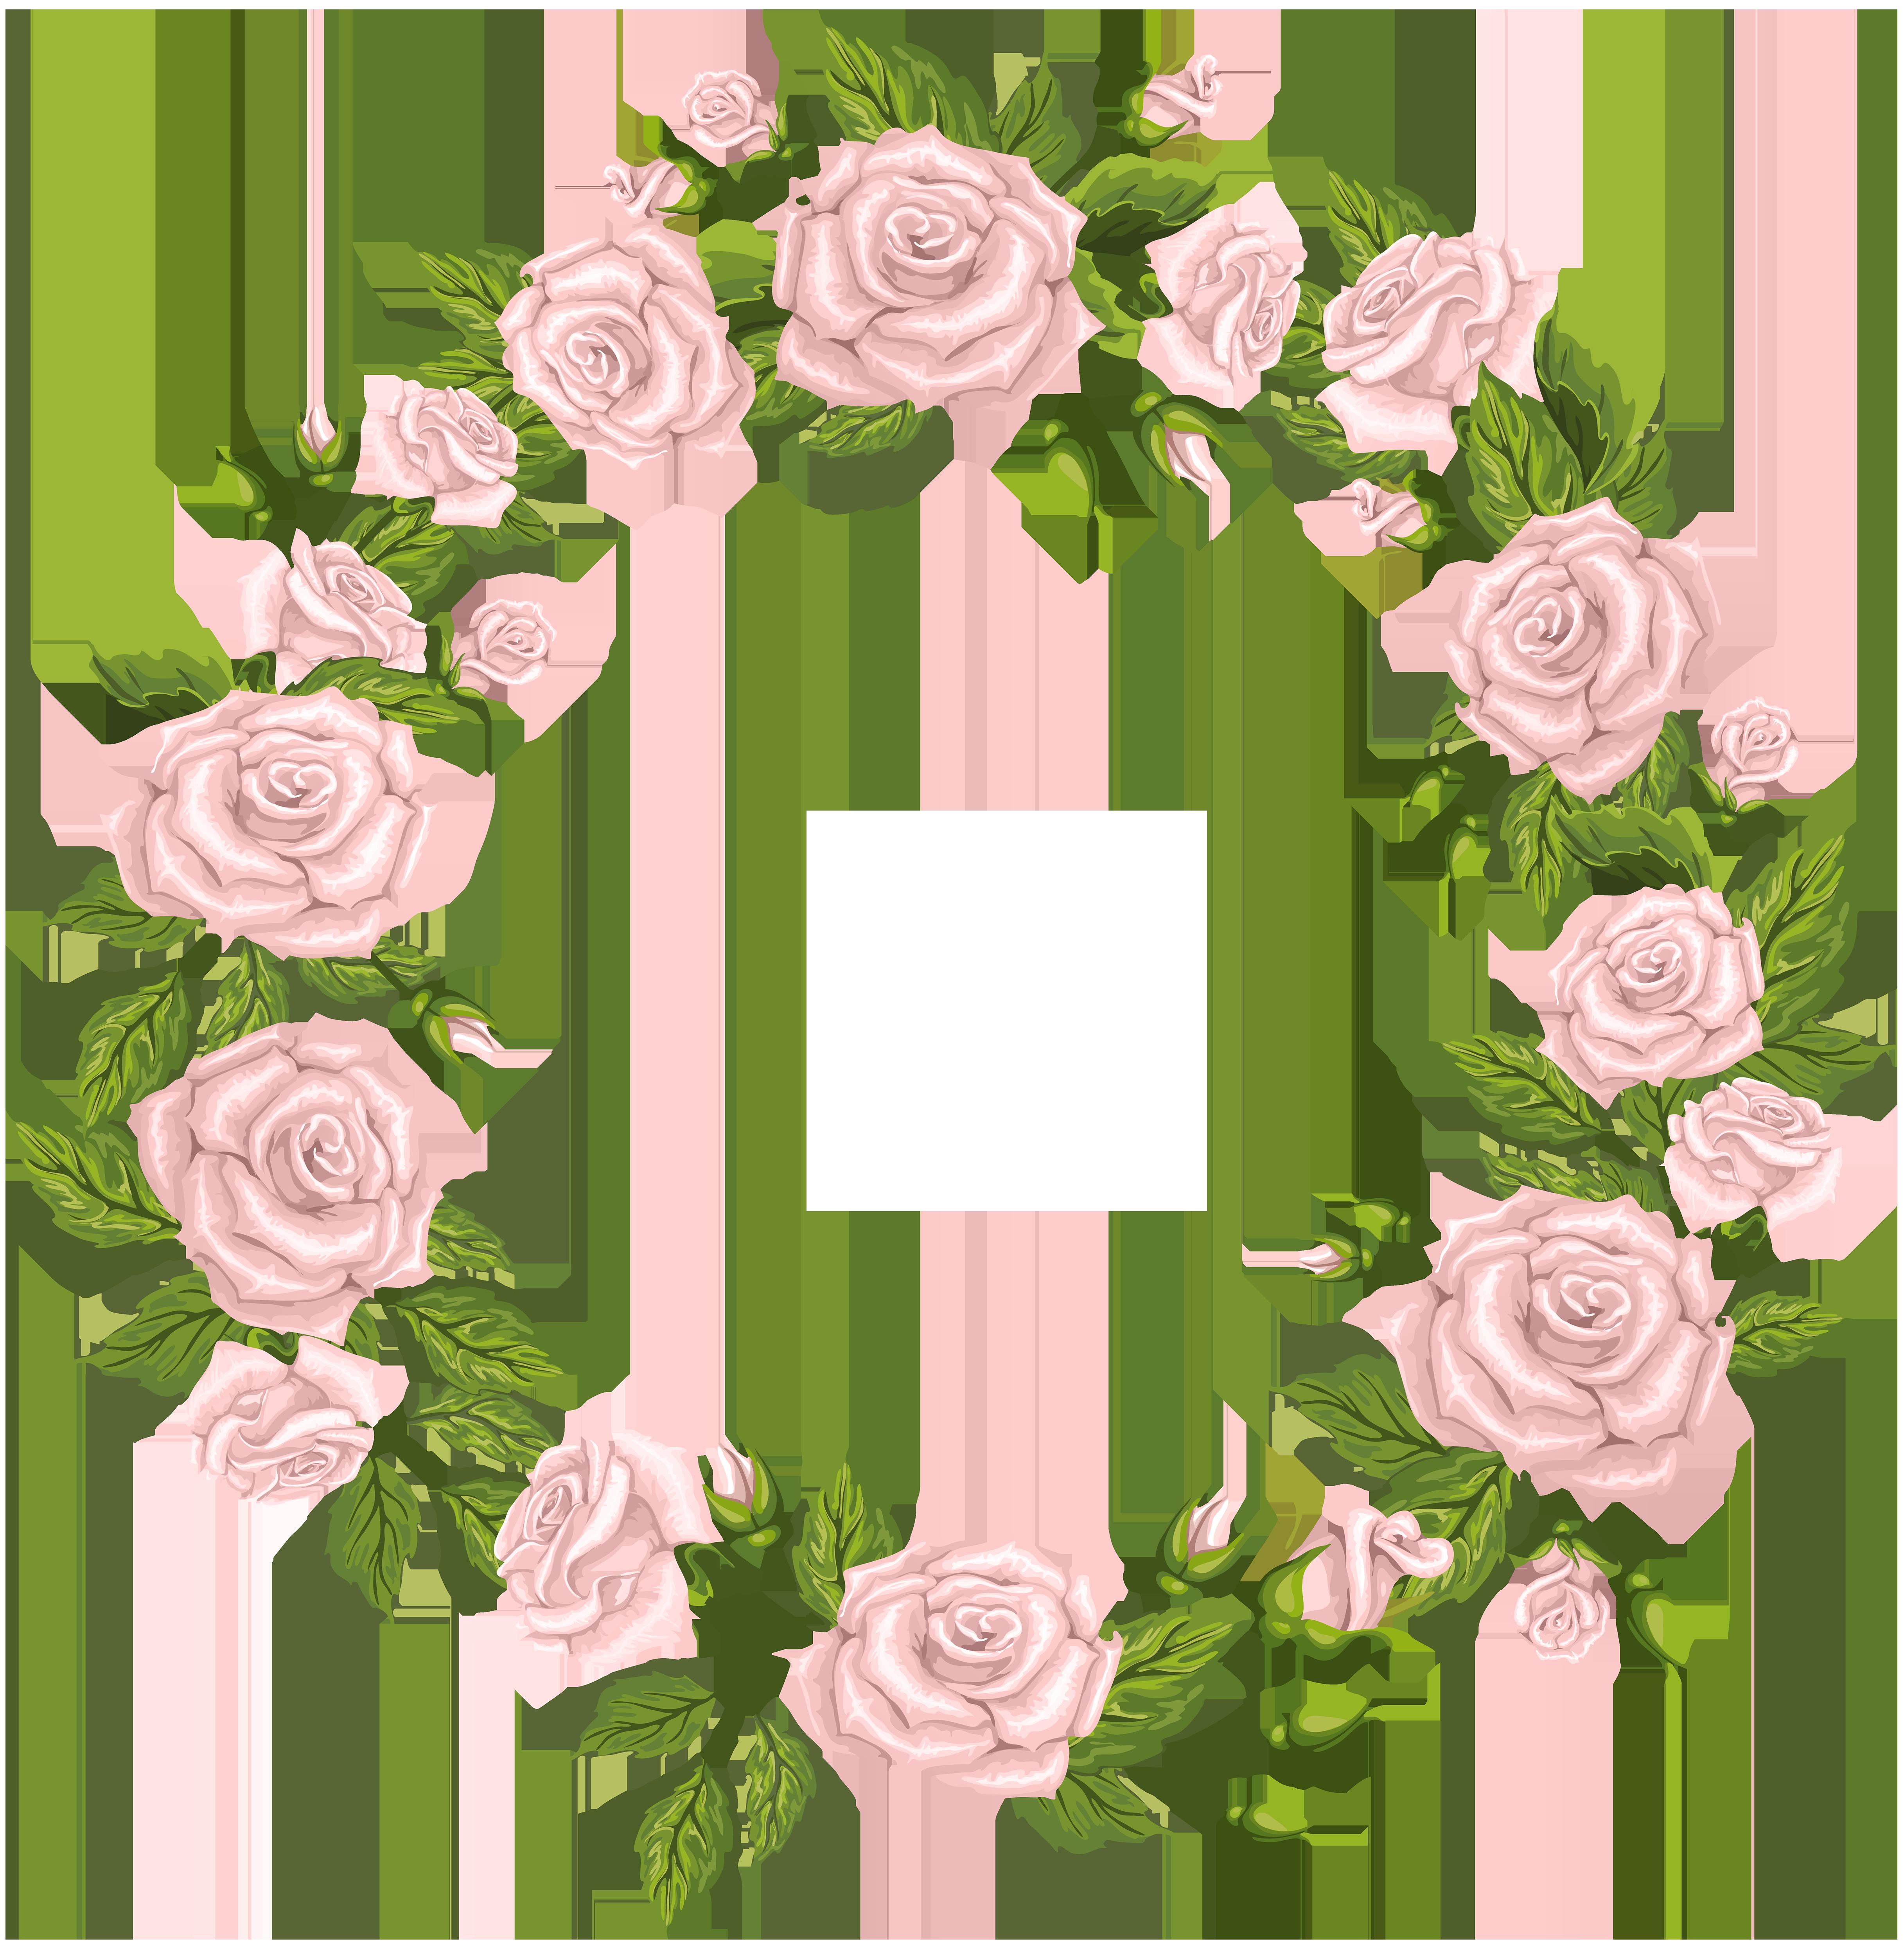 Clipart design rose. Roses border pink png